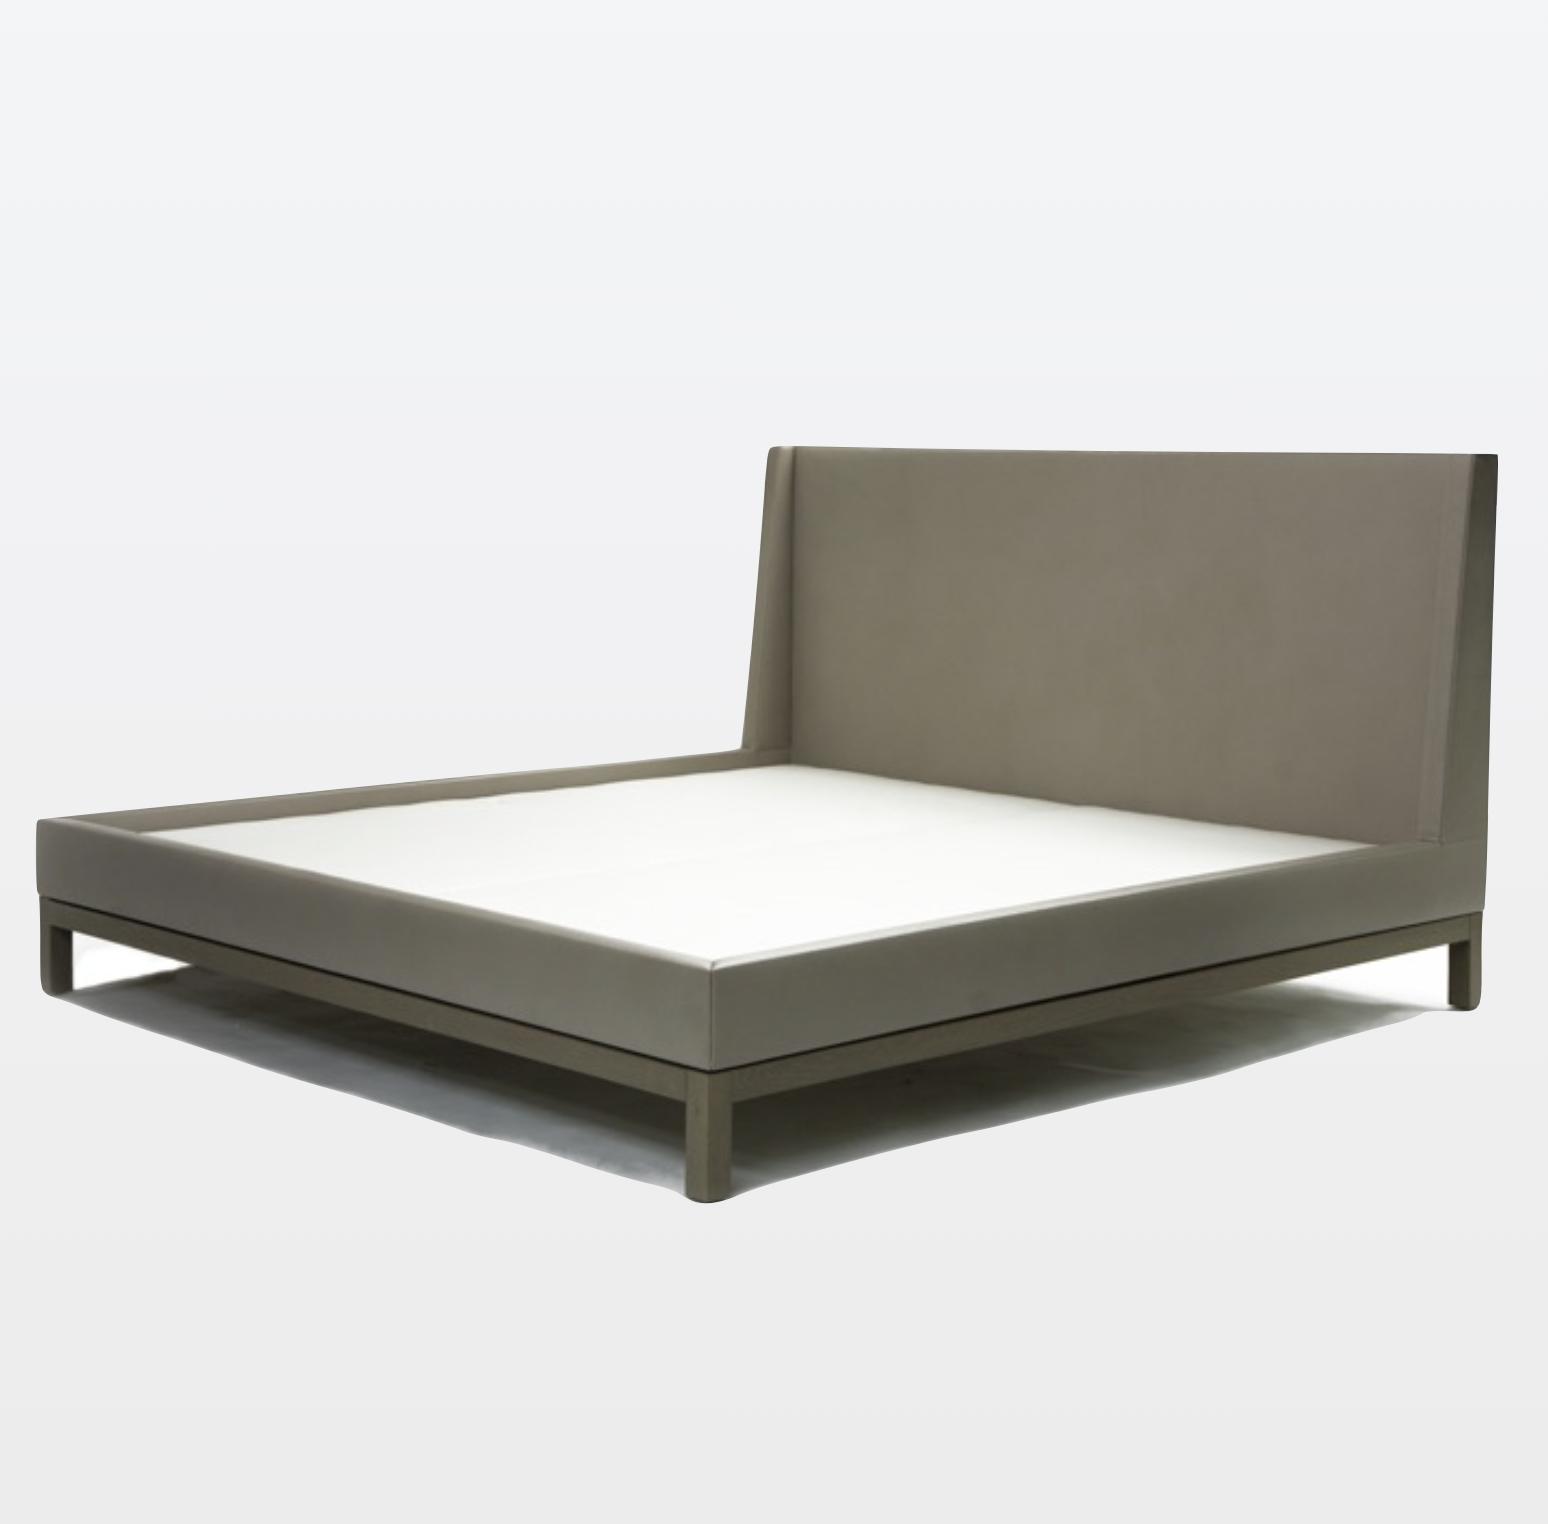 Aguirre Design - Elegant Leather upholstered Bed